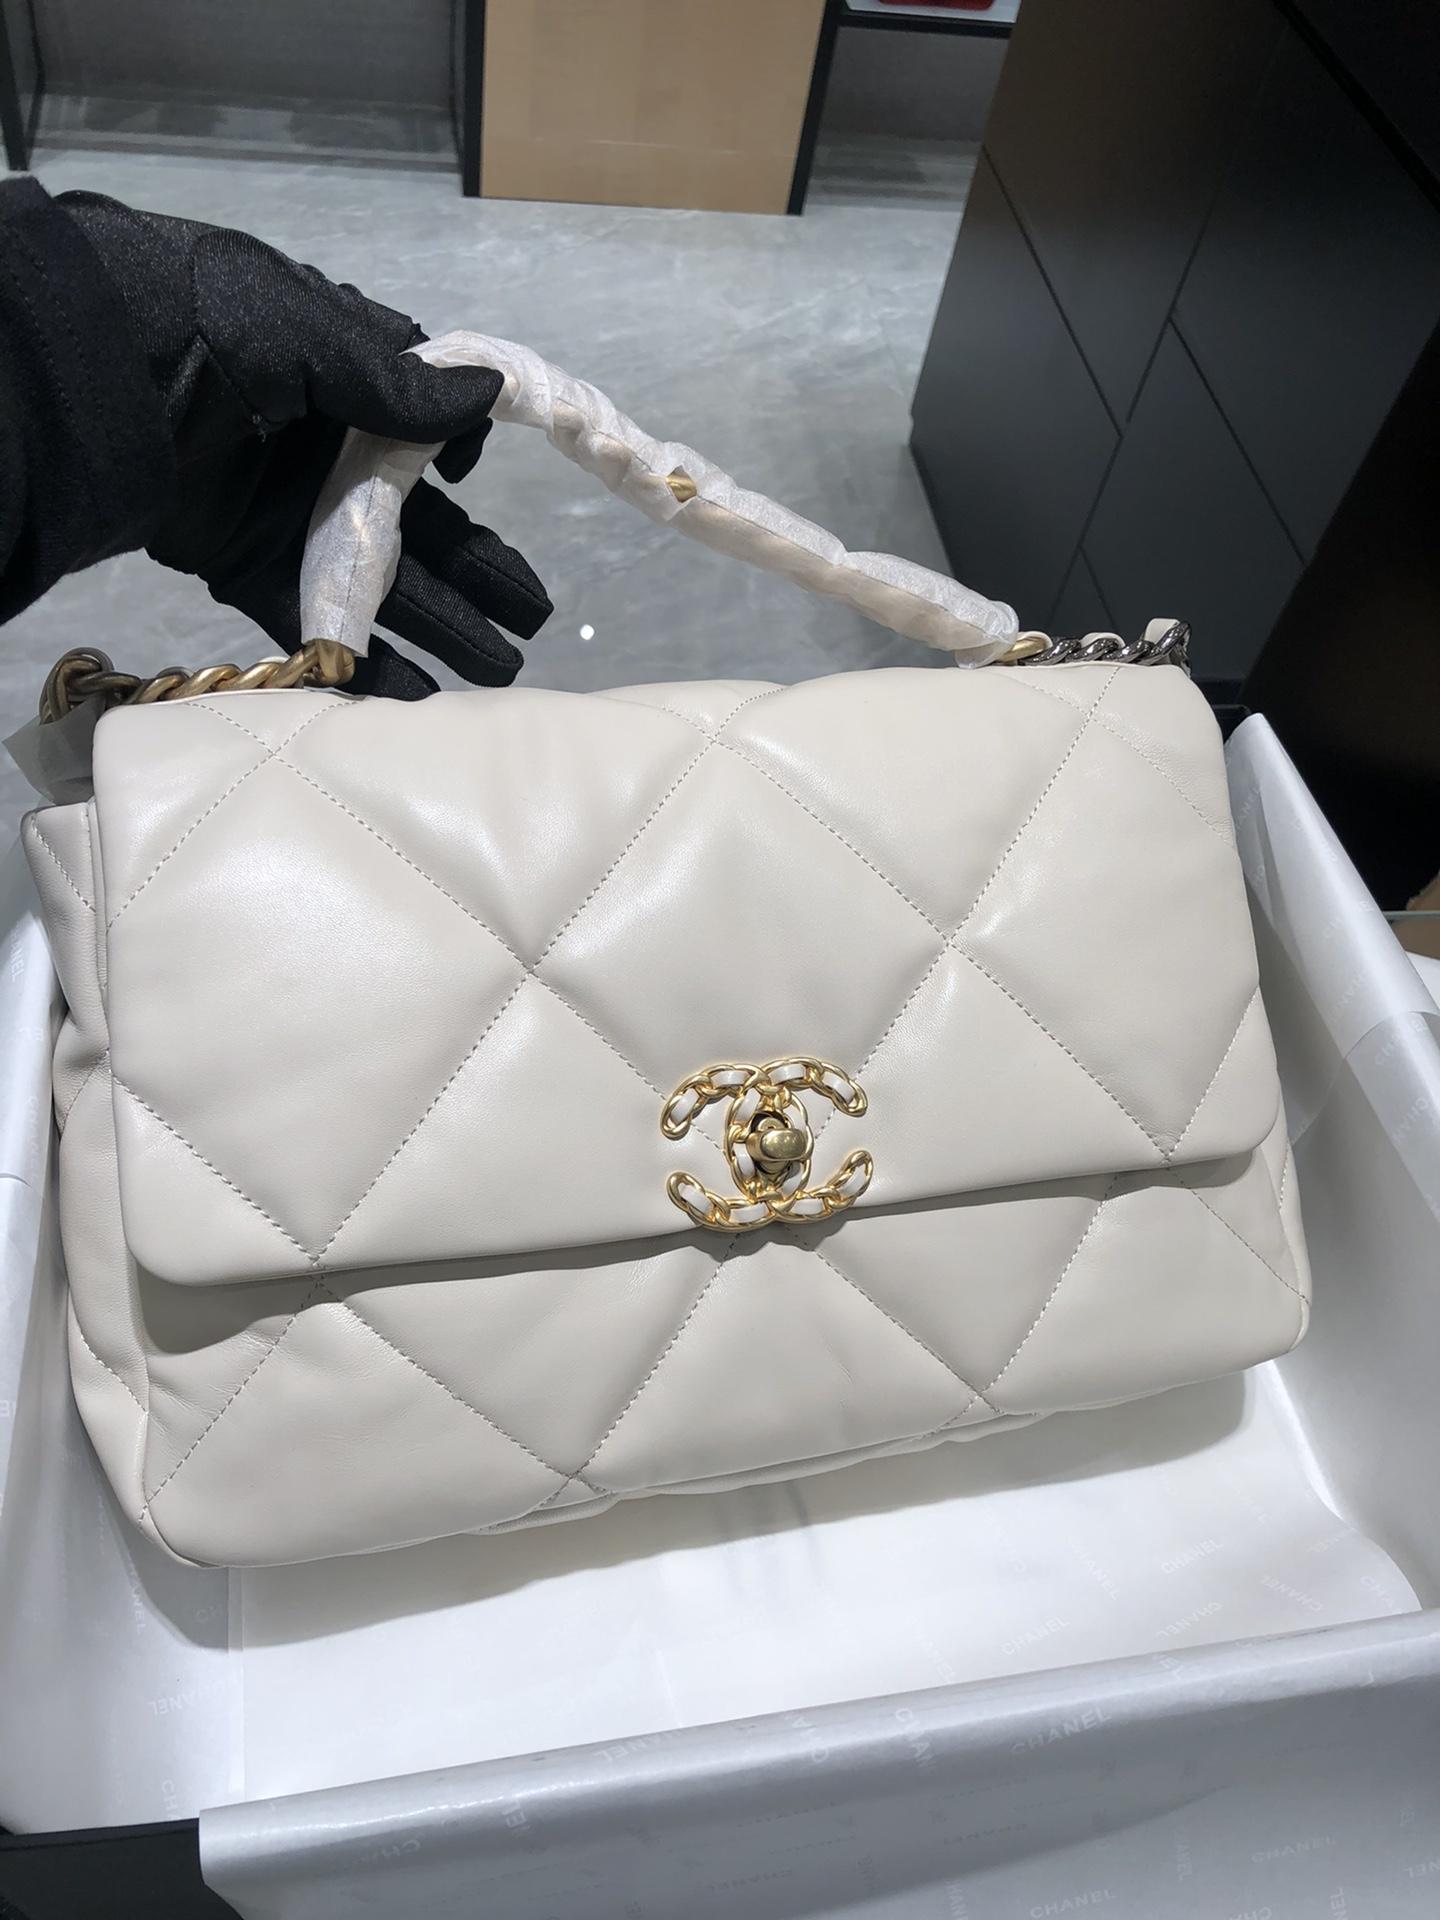 正品级 法国进口小羊皮Chanel2019秋冬新季系列 宽格纹粗链条翻盖包  20:30:10 全套包装